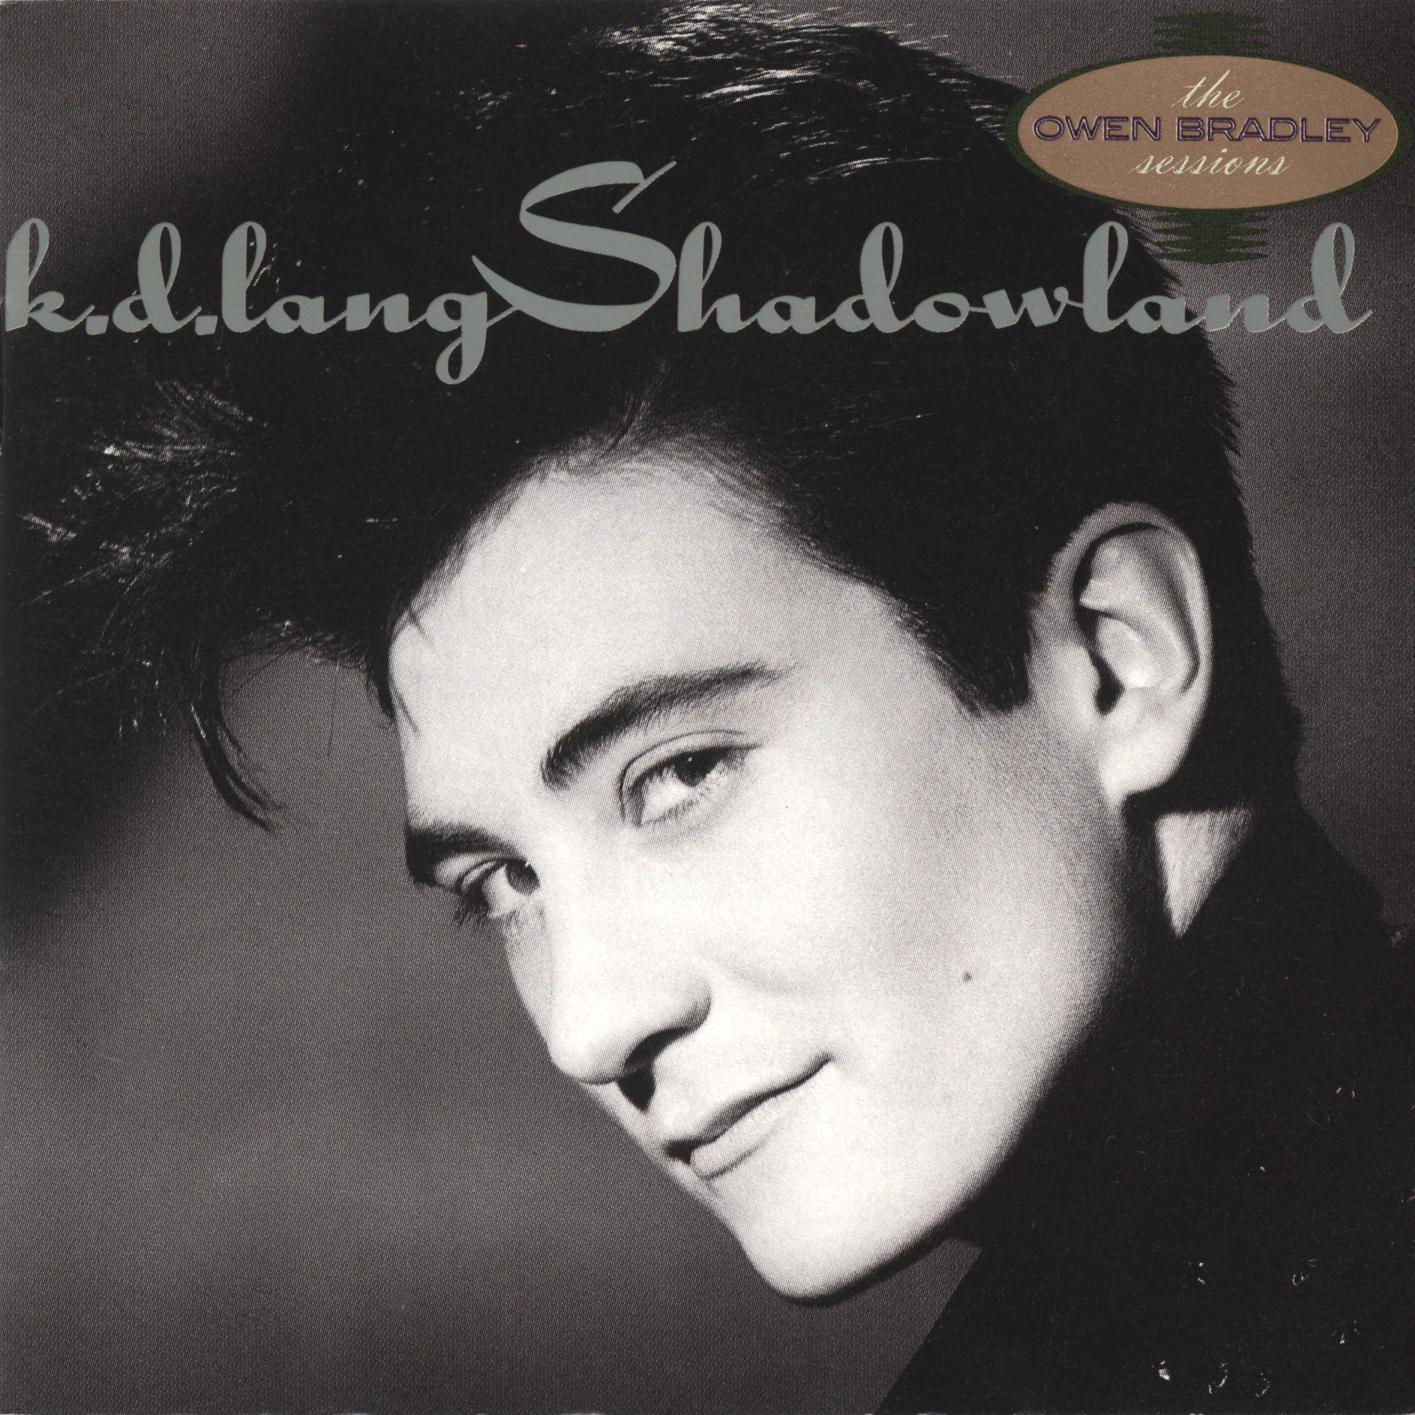 k.d. lang_shadowland.jpg